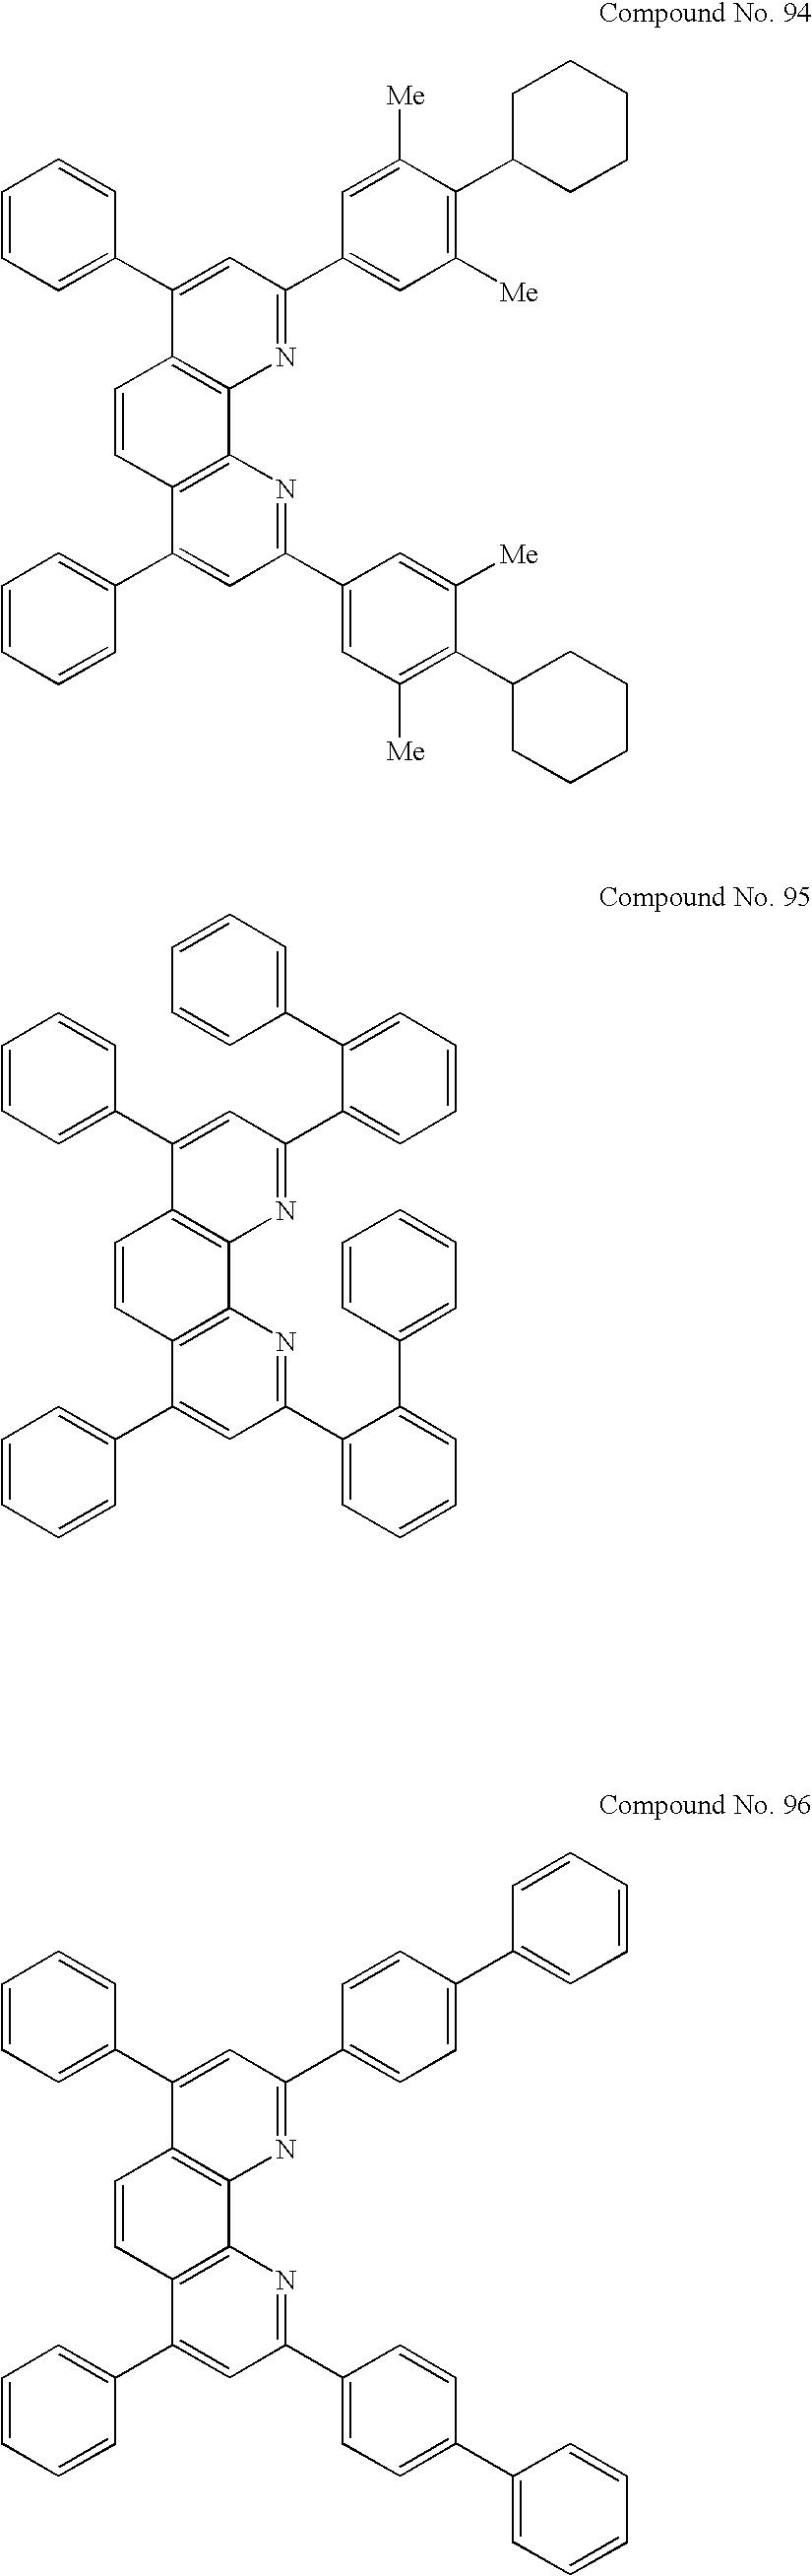 Figure US20050073641A1-20050407-C00030